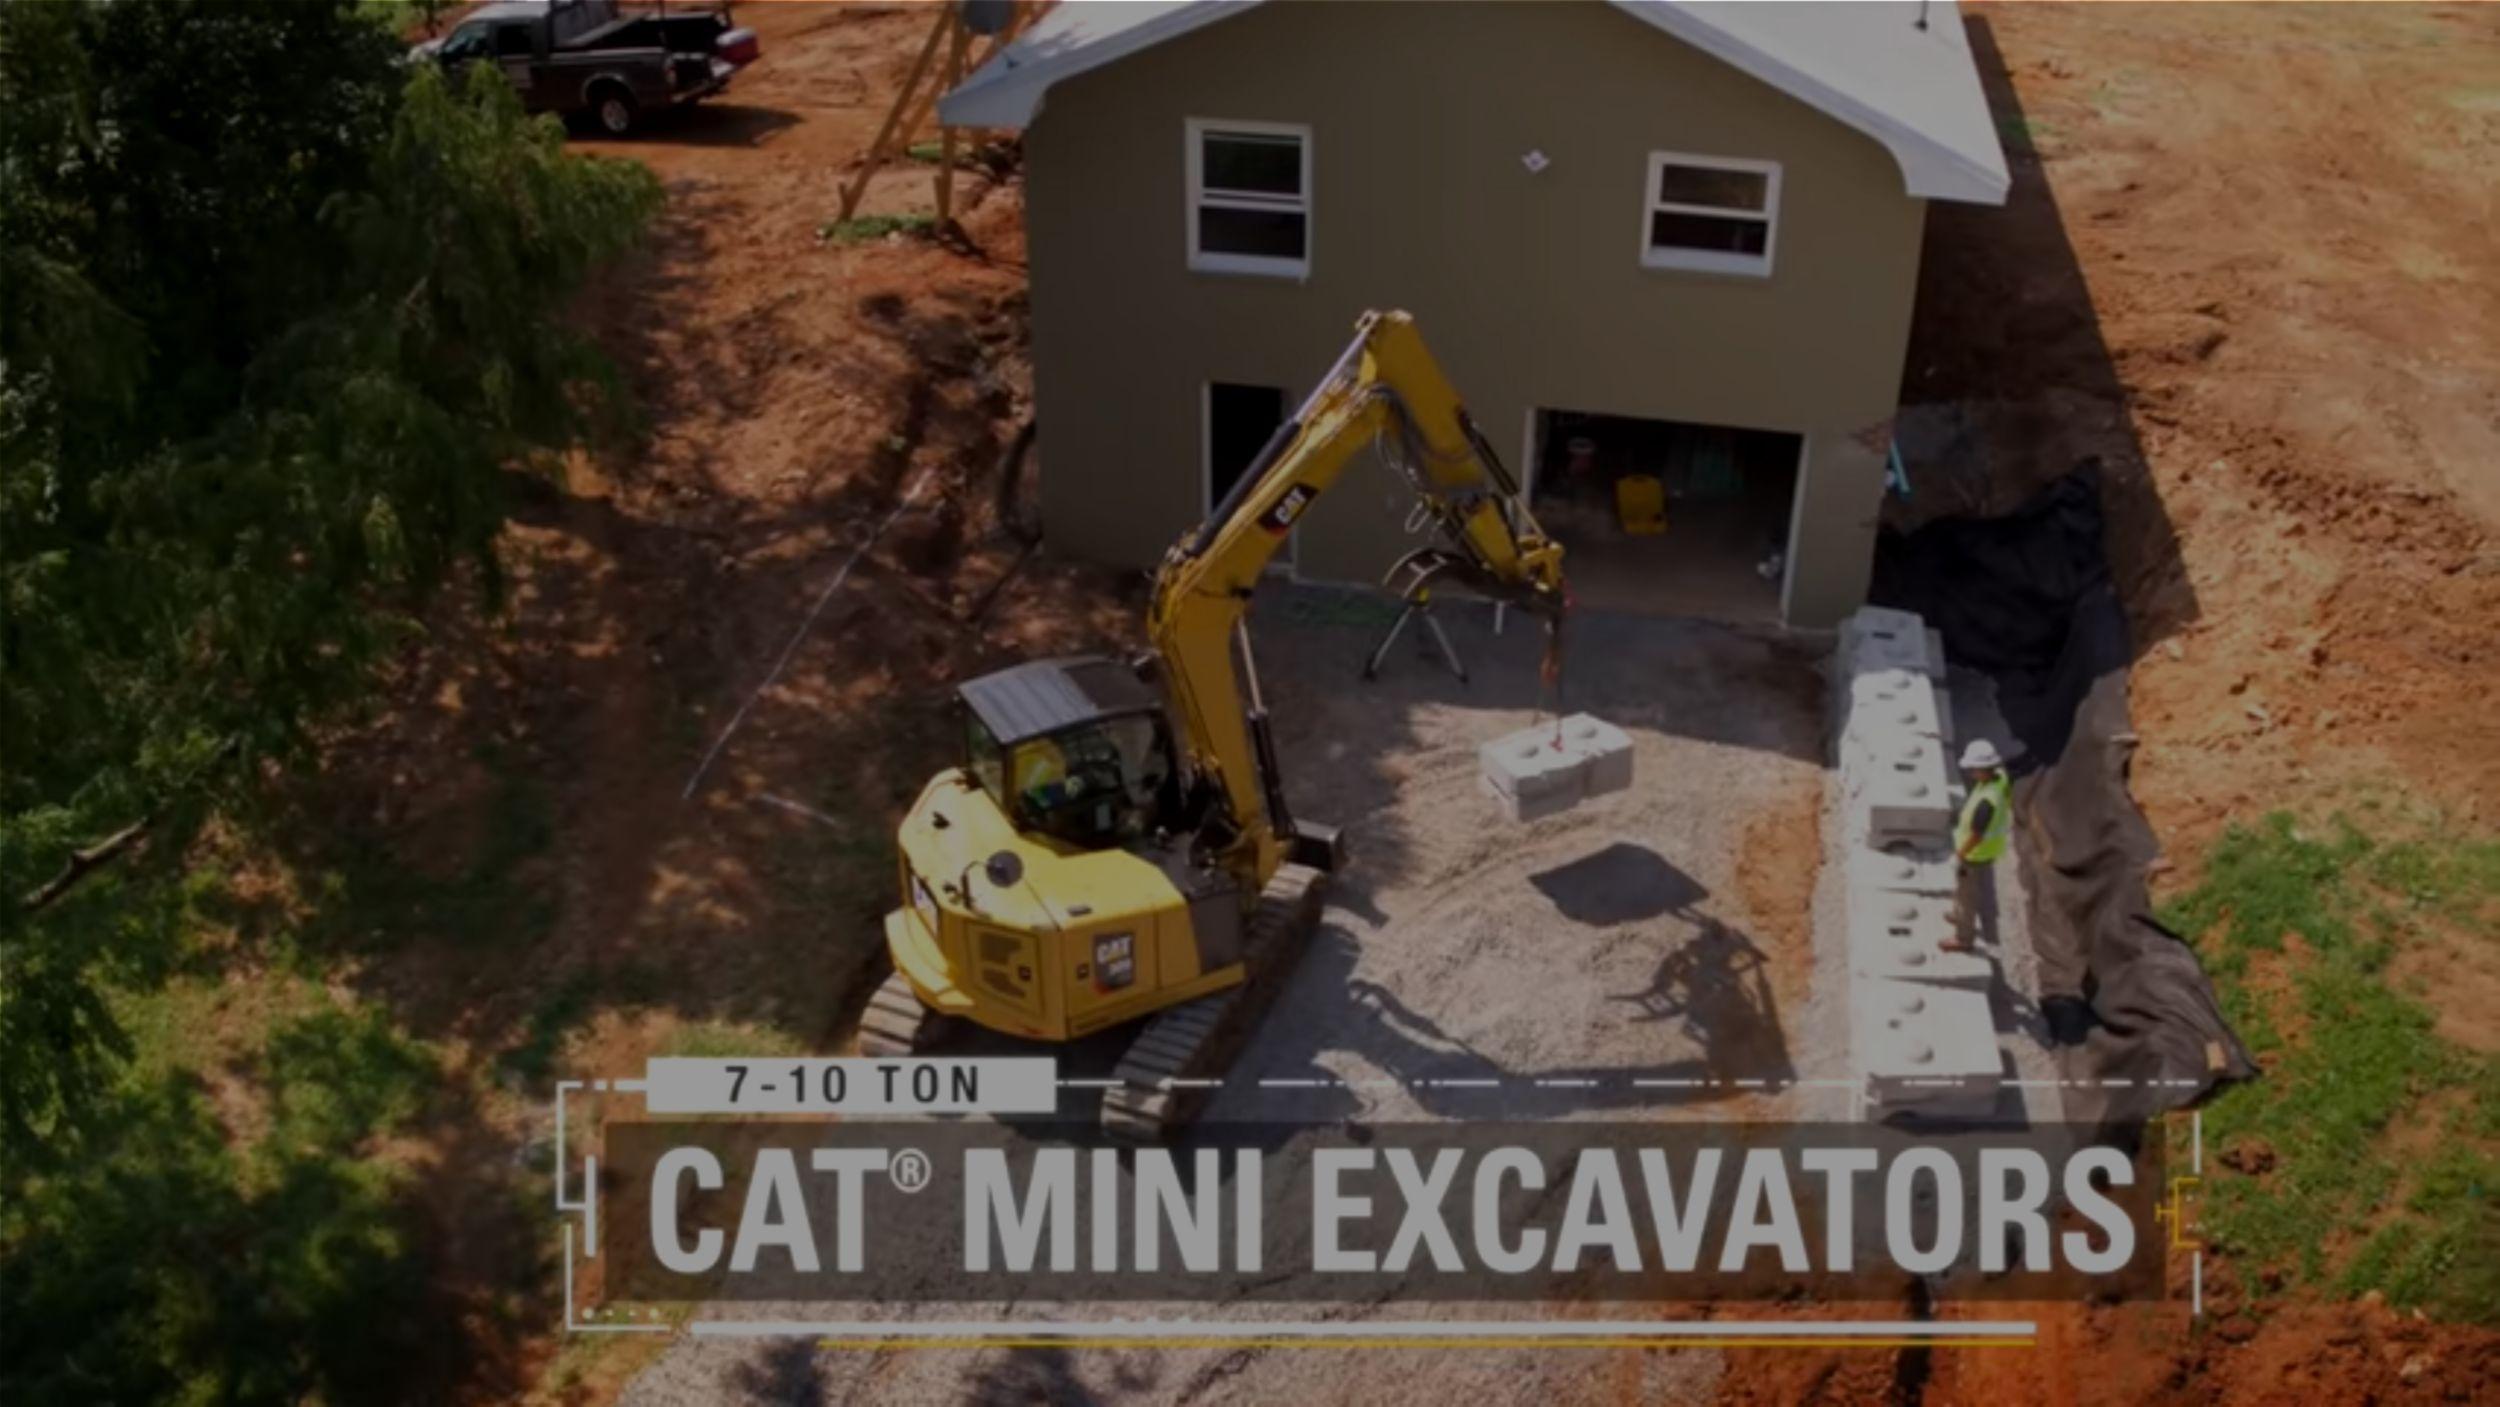 Cat Mini Excavators: 6-10 Ton